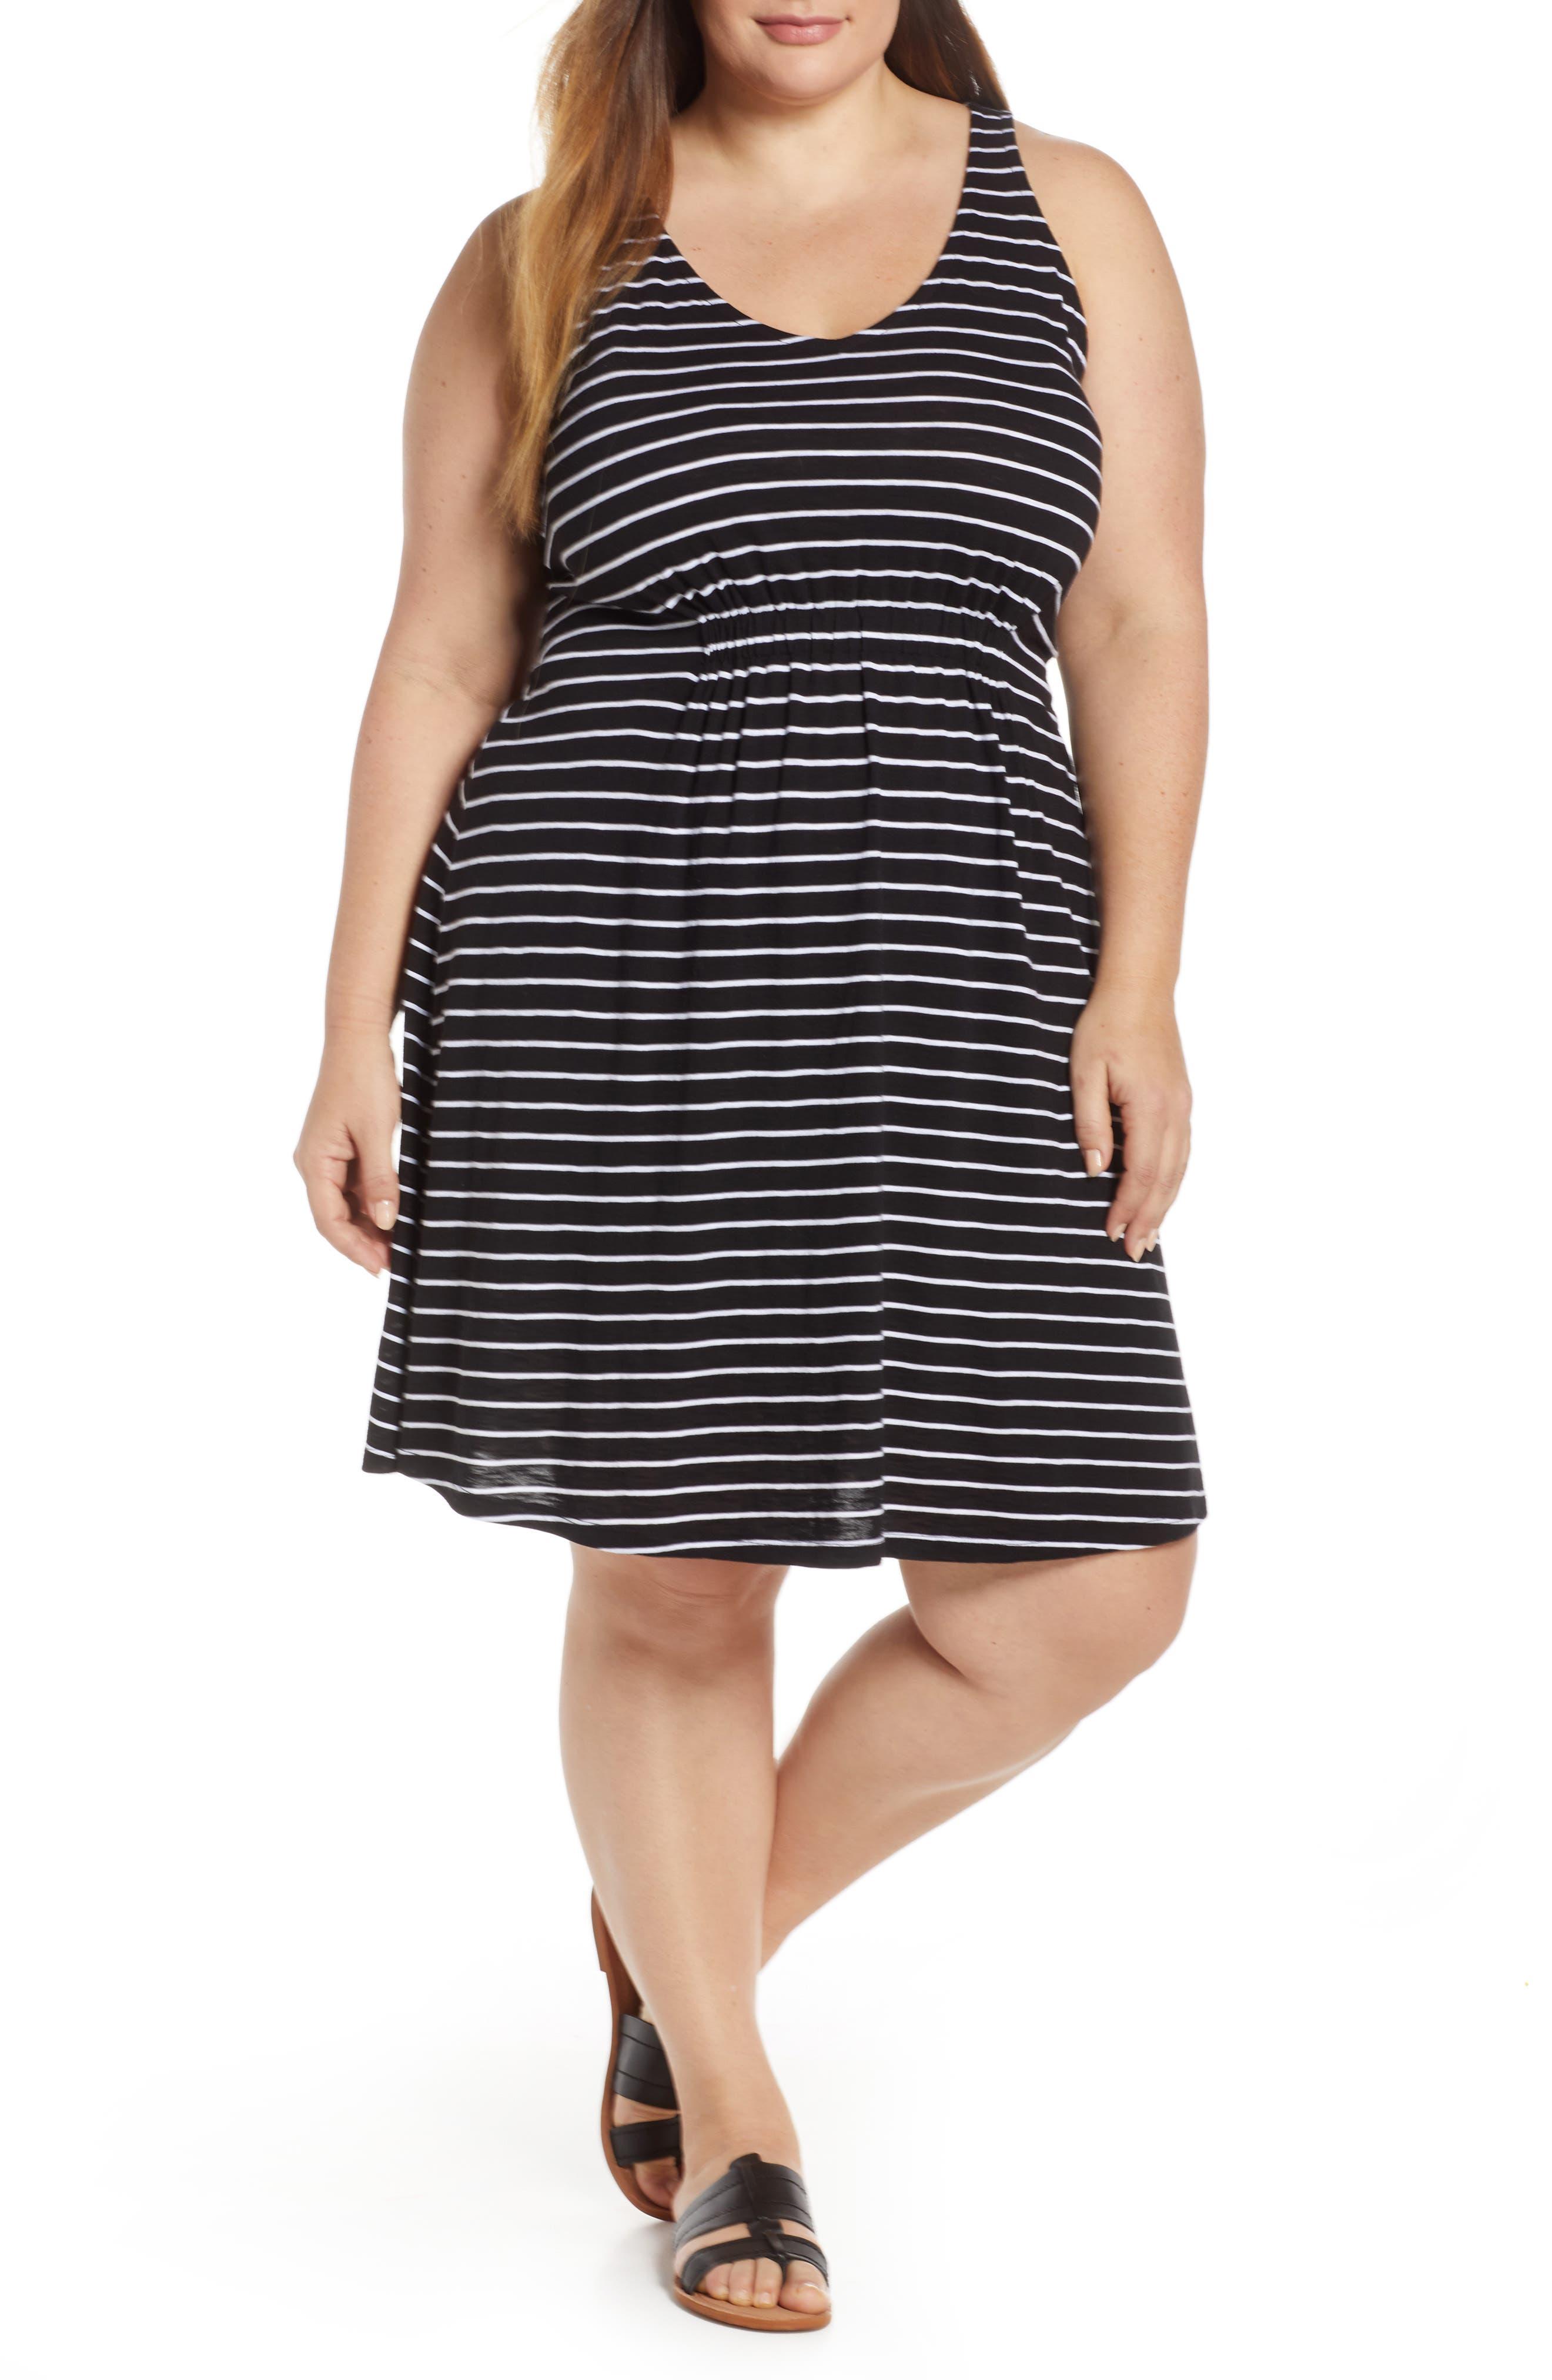 Plus Size Caslon Sleeveless V-Neck Knit Dress, Black